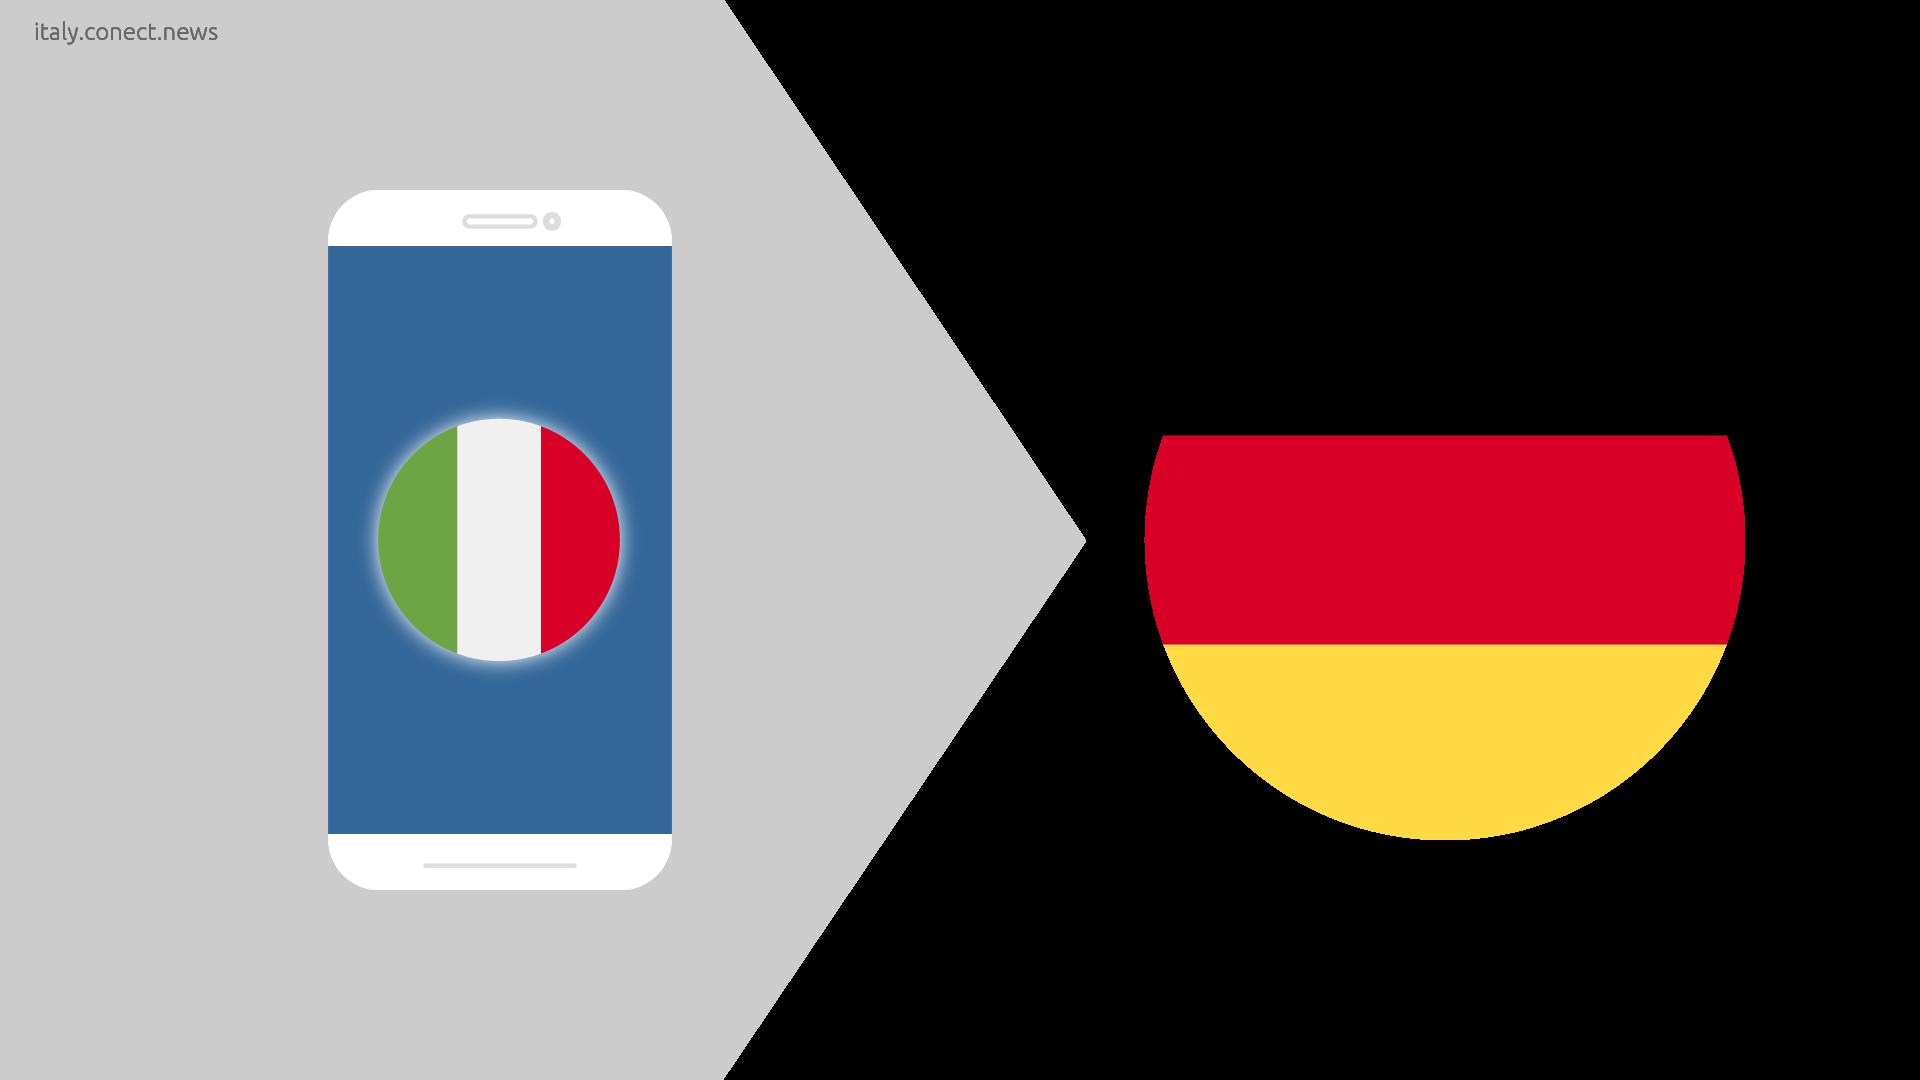 Italien-deutschland @conect_news